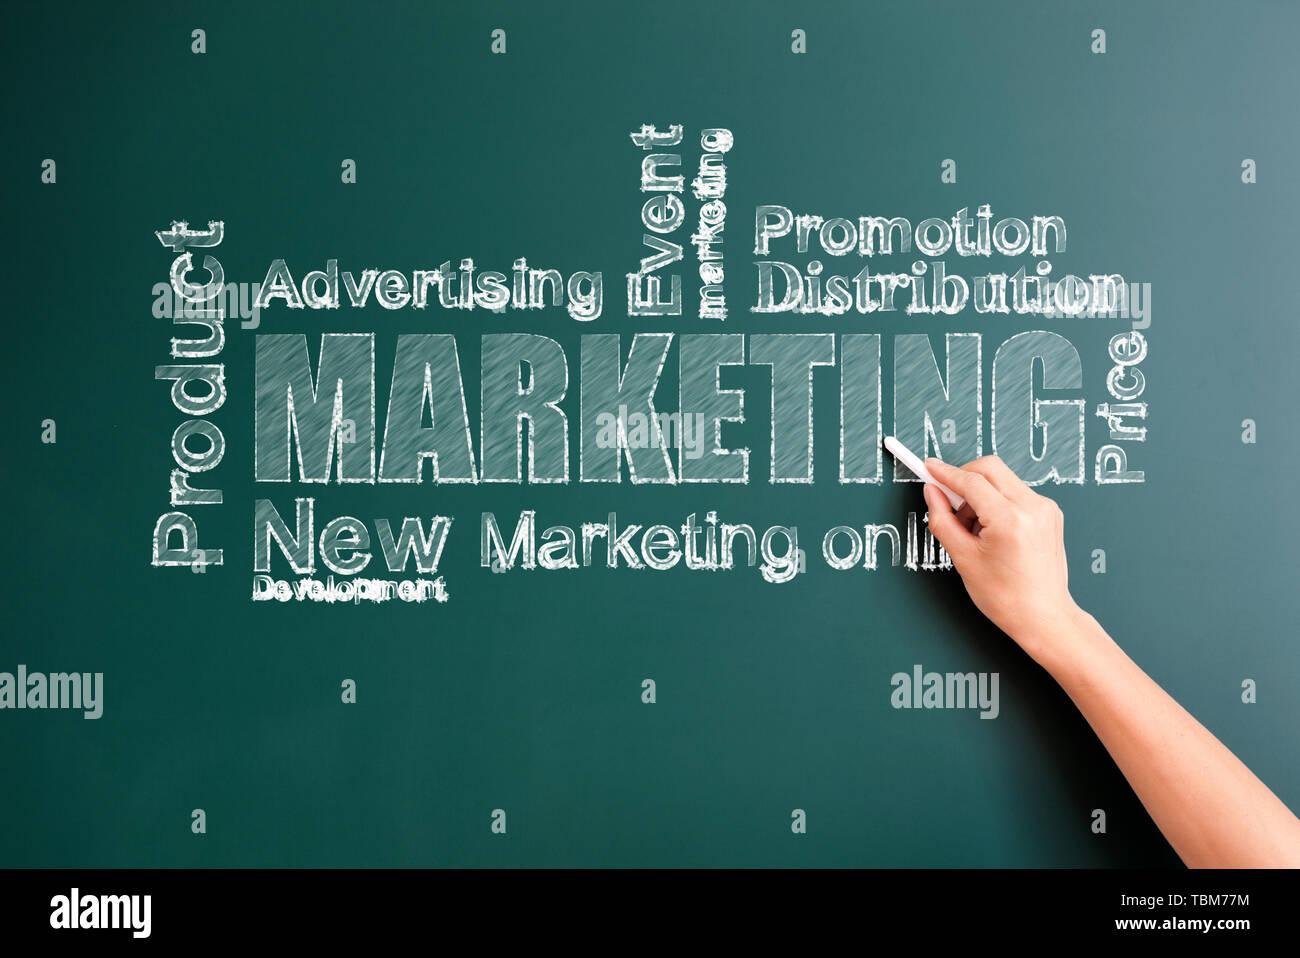 marketing related words written on blackboard - Stock Image